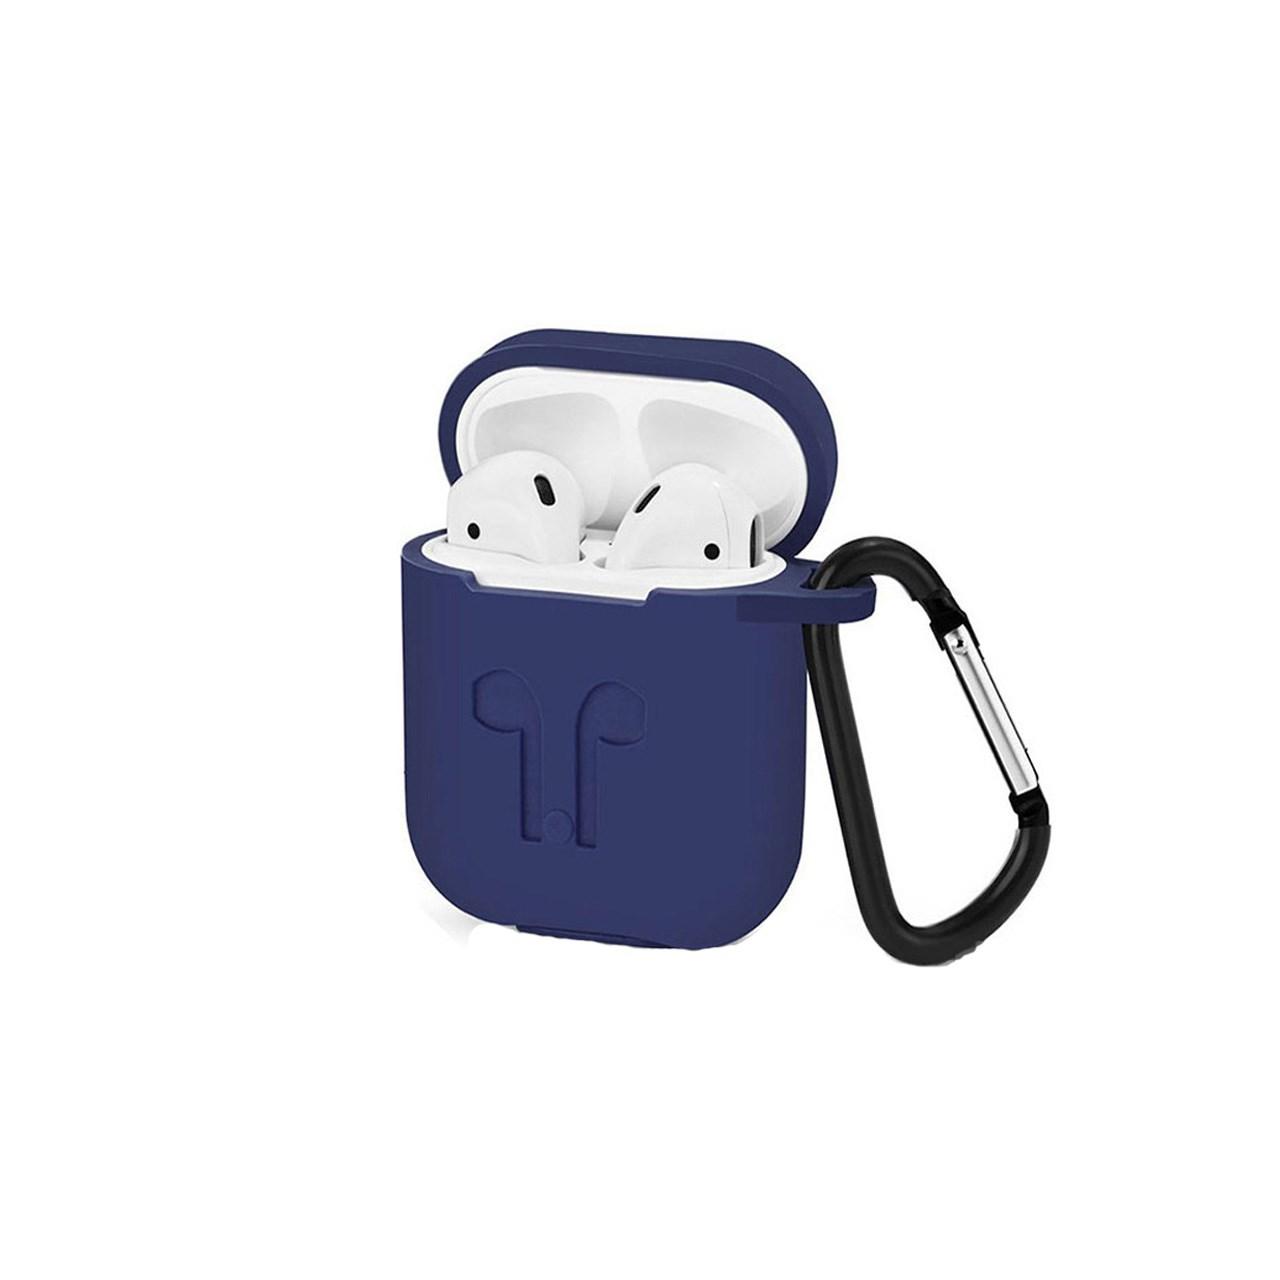 کاور محافظ سیلیکونی مناسب برای کیس Apple AirPods              ( قیمت عمده )